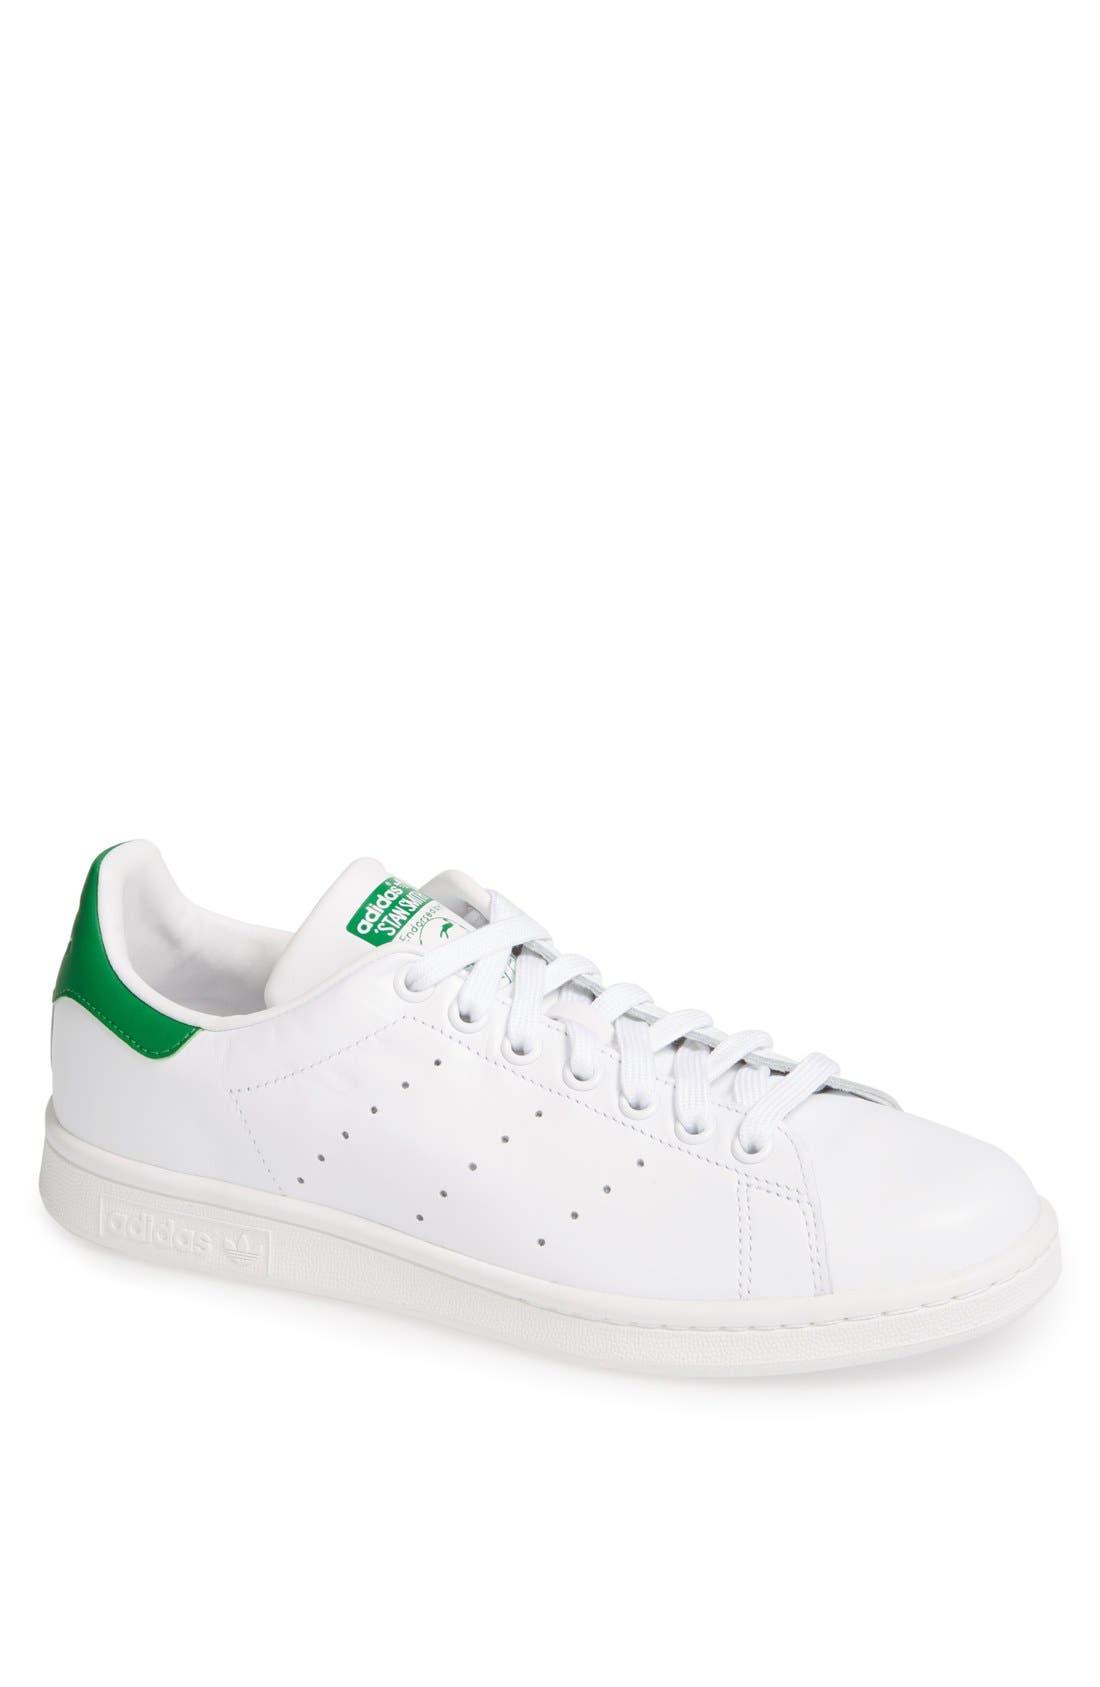 ADIDAS, Stan Smith Sneaker, Main thumbnail 1, color, WHITE/ FAIRWAY